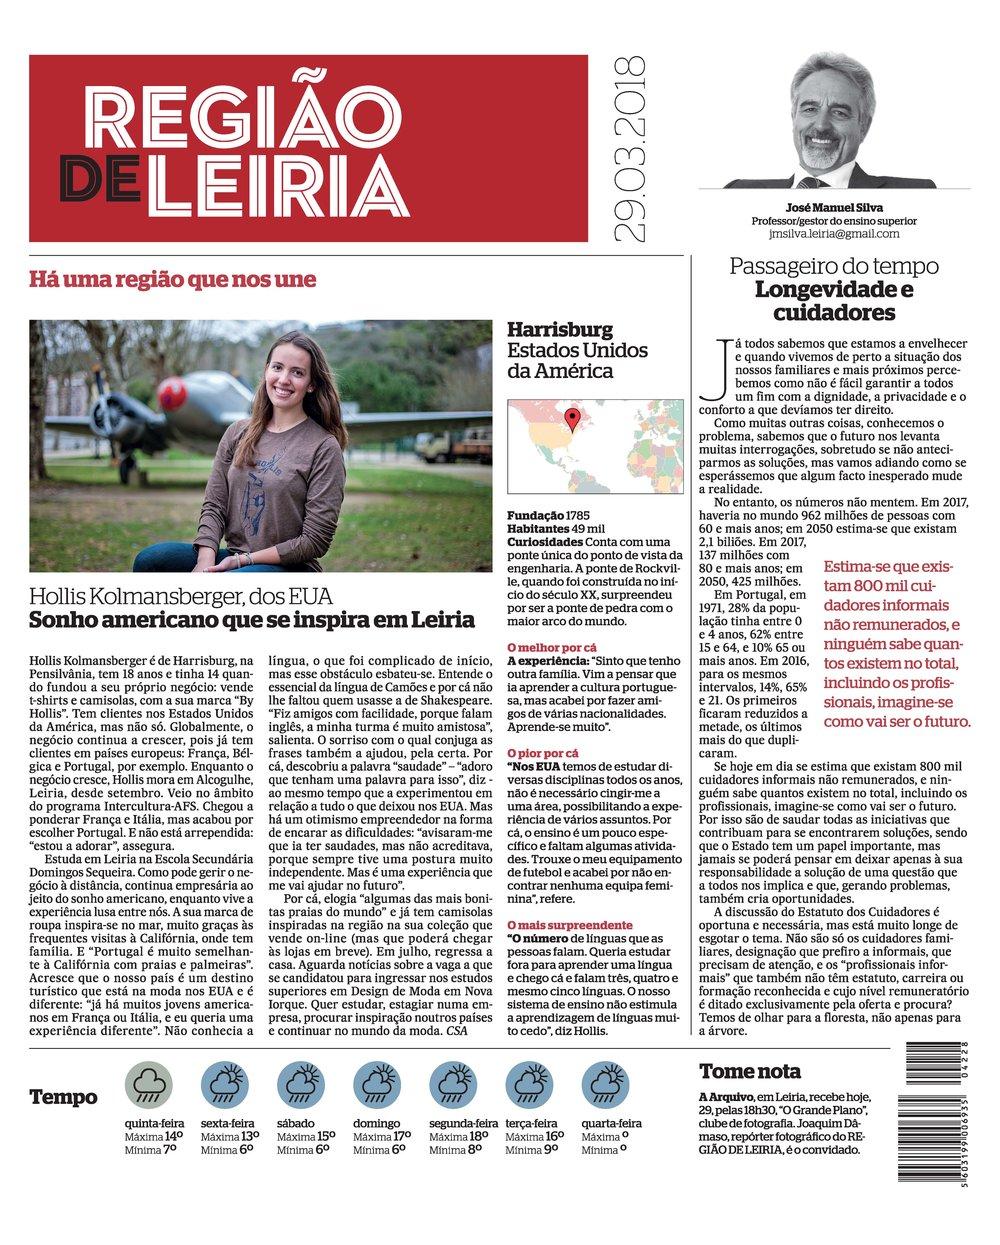 Região de Leiria Article.jpg